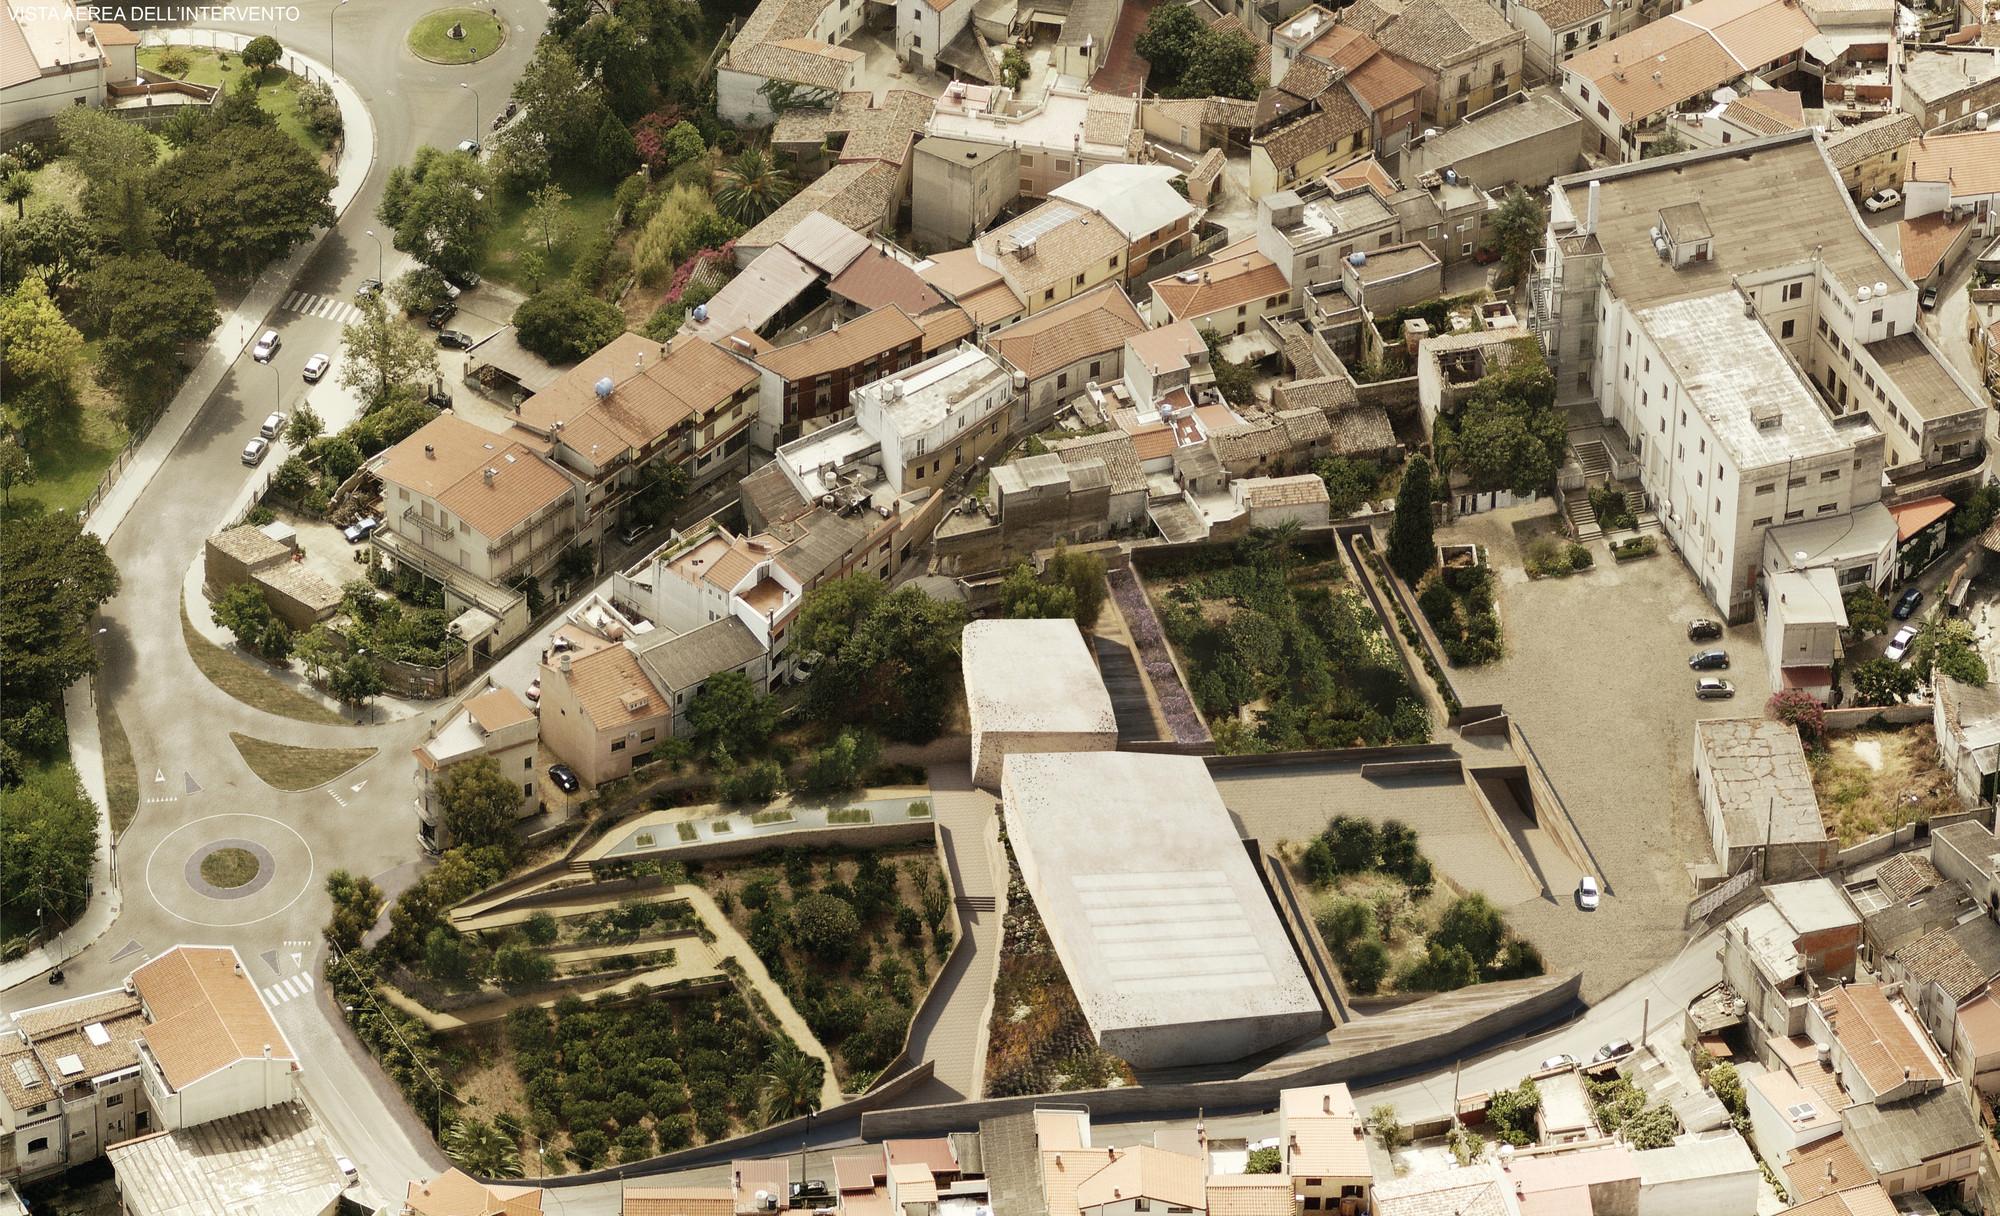 Vista aérea. Image Cortesia de 3TI_LAB